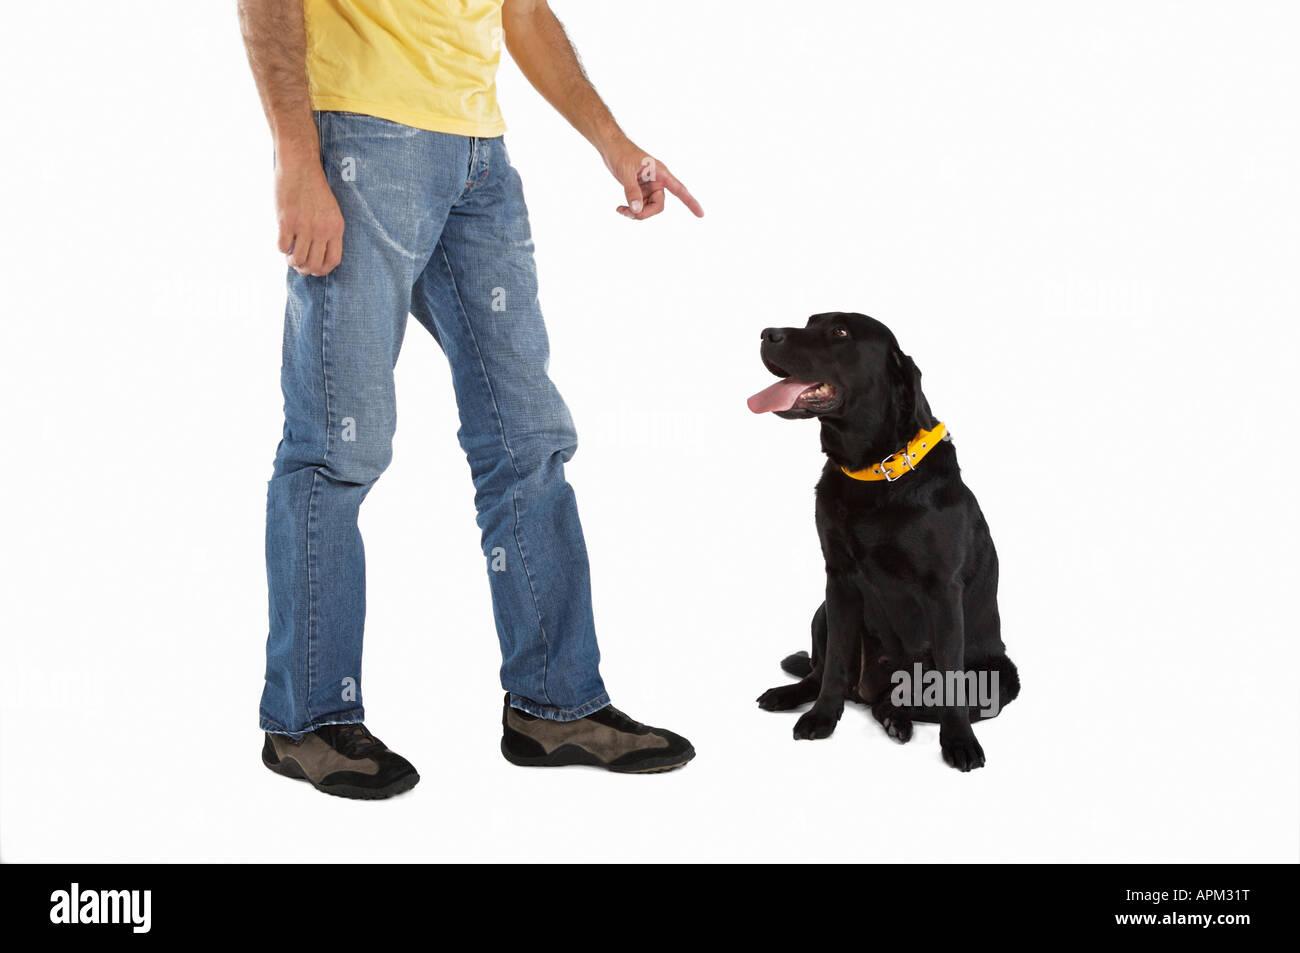 Owner educating dog - Stock Image